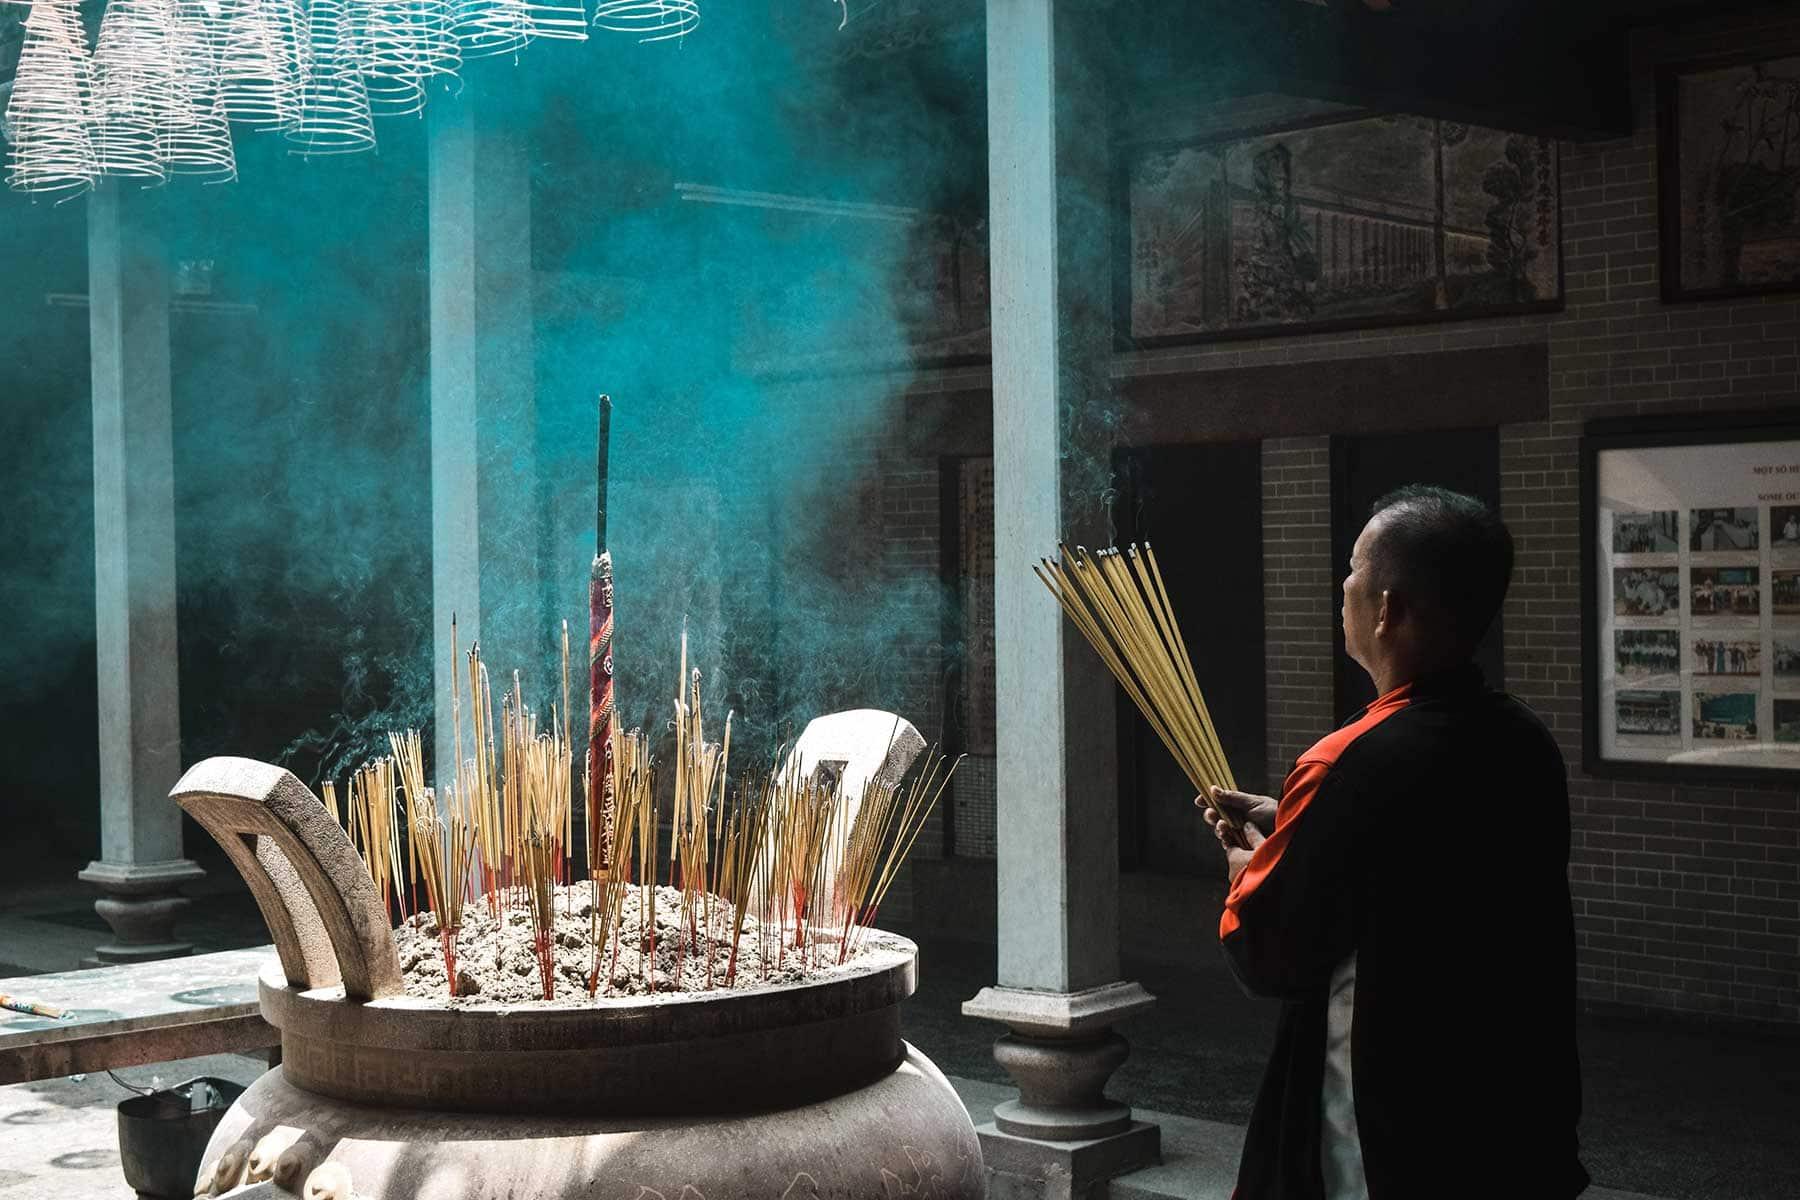 Resor-till-Ho-Chi-Minh-Nygren-Lind-Resebyråmann-i-tempell